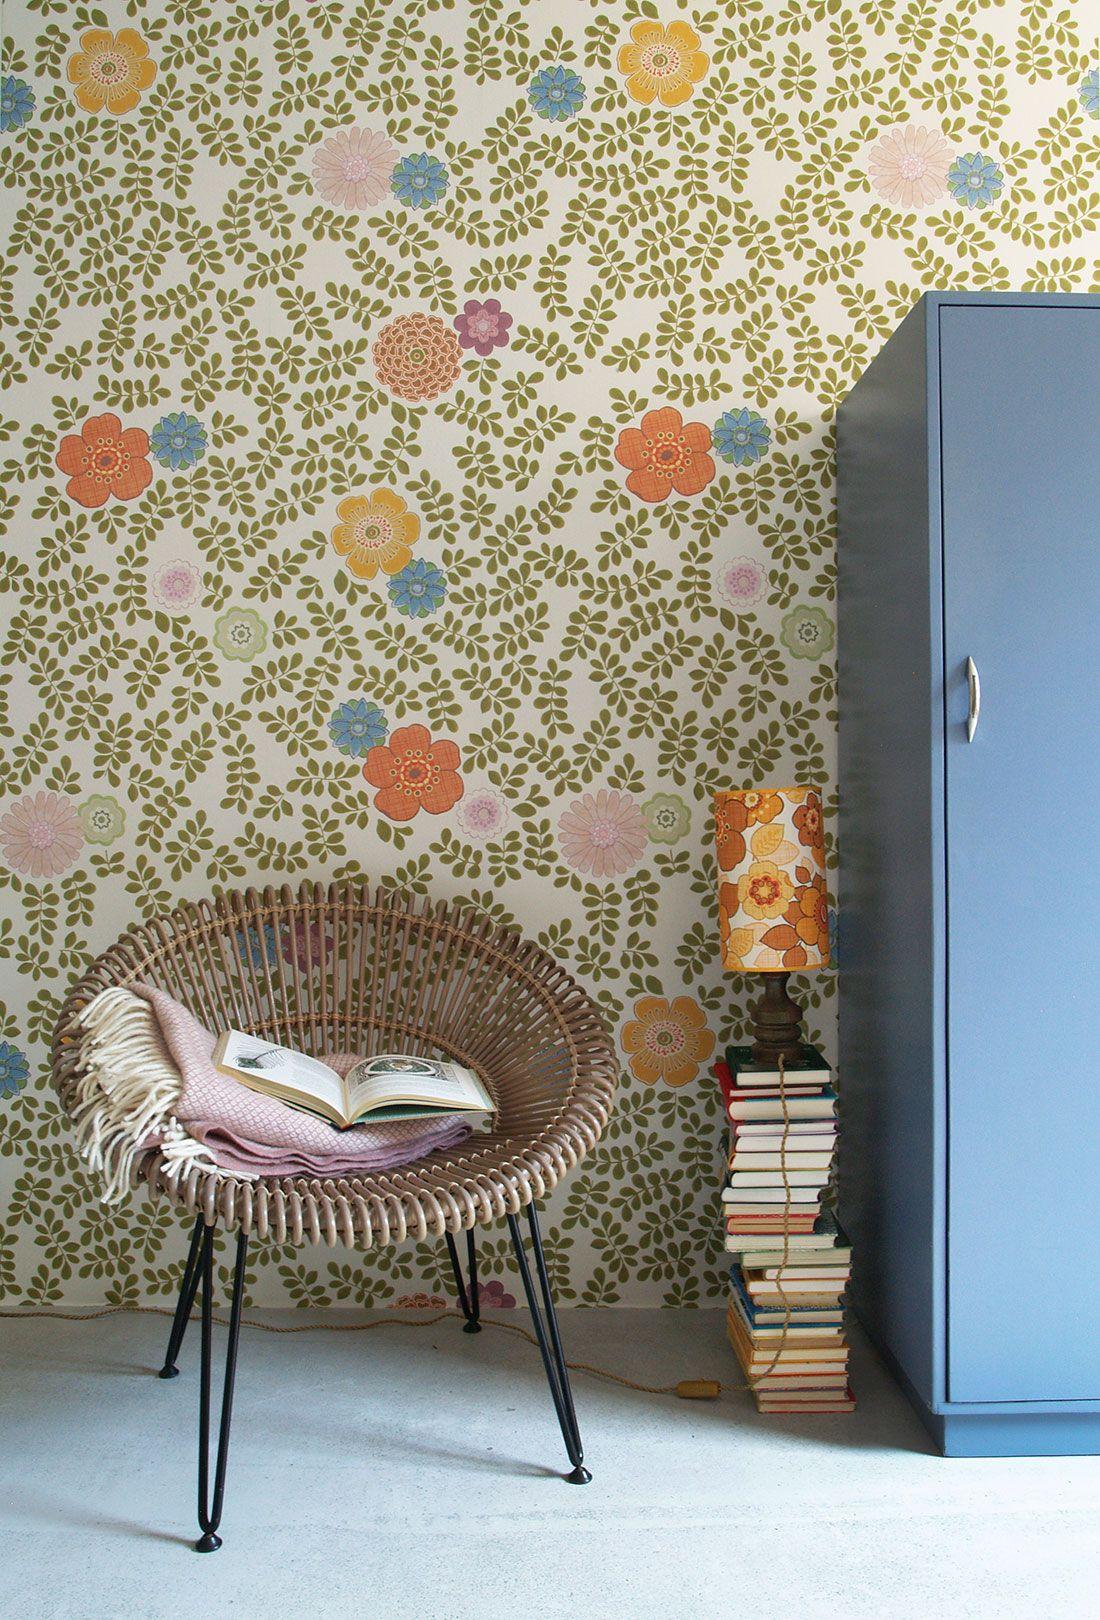 inke scandinave vintage home sweet home. Black Bedroom Furniture Sets. Home Design Ideas